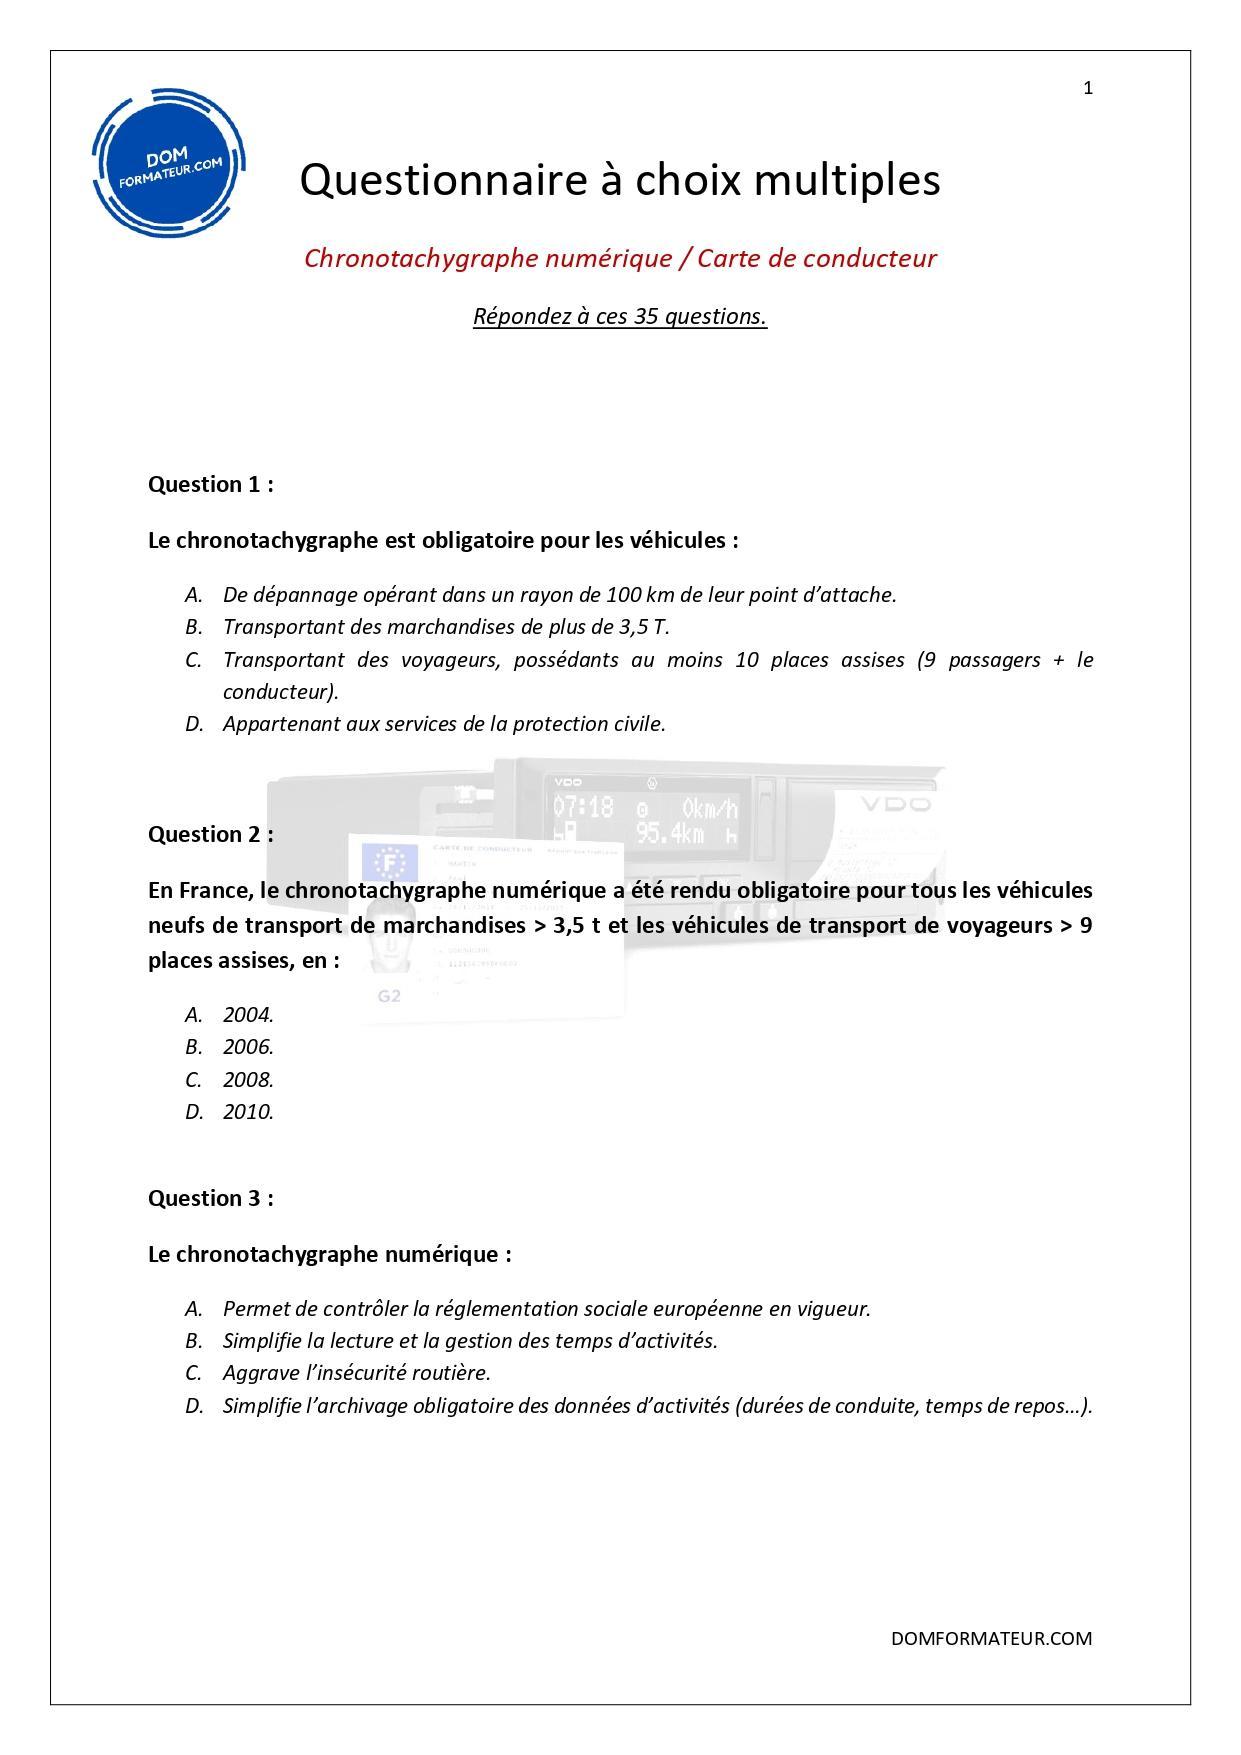 Chronotachygraphe numerique et carte de conducteur page 2